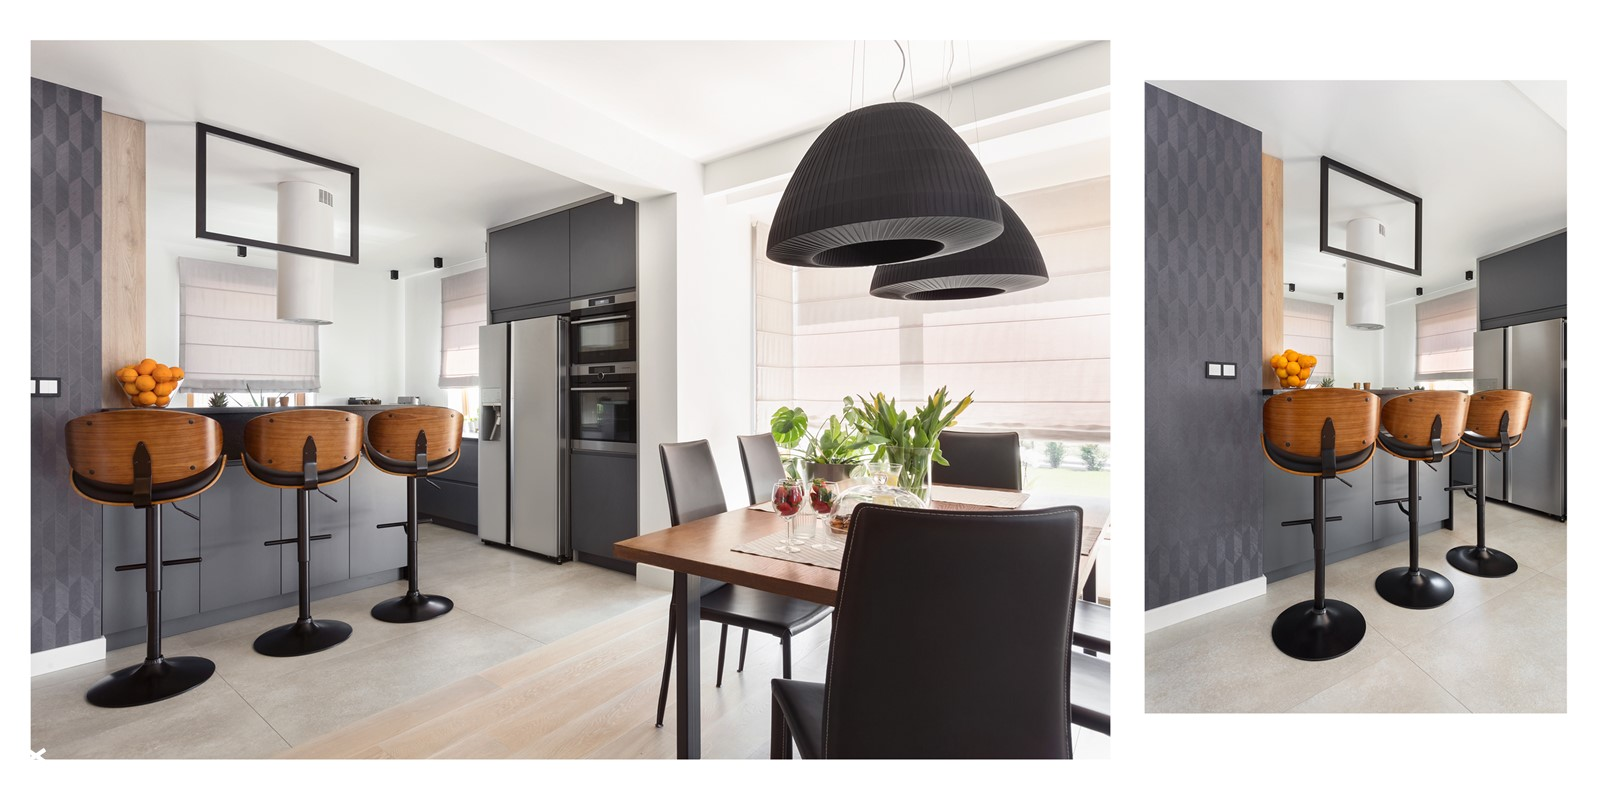 jadalnia z widokiem na kuchnię - zdjęcie od Maciejewska Design - Homebook